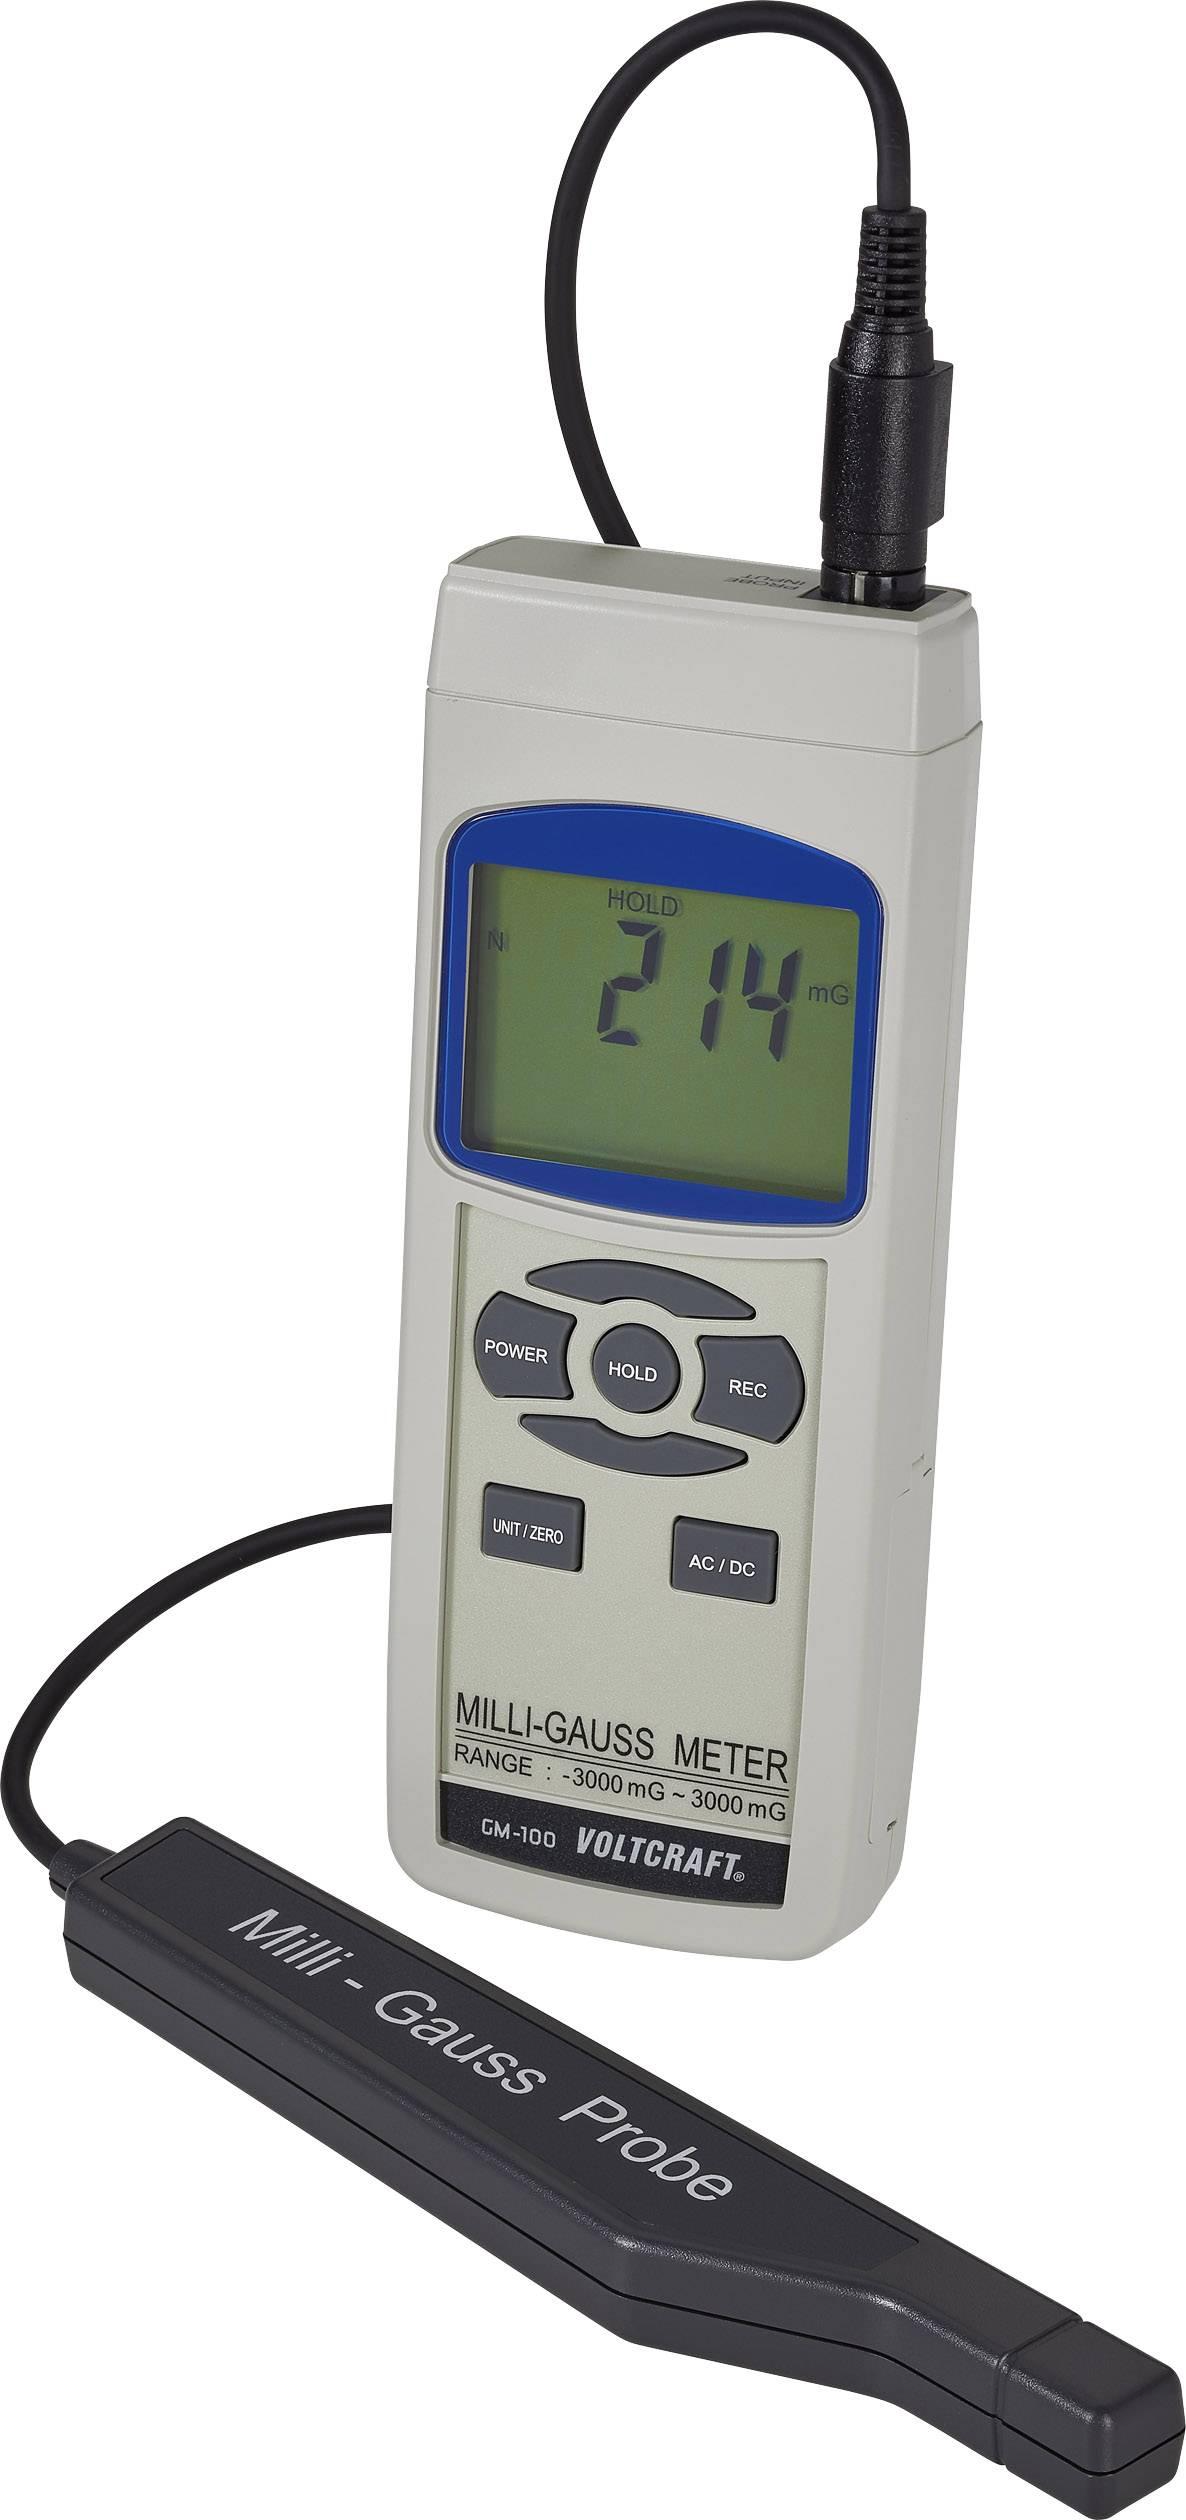 Prístroj na meranie magnetického poľa VOLTCRAFT GM-100 101370